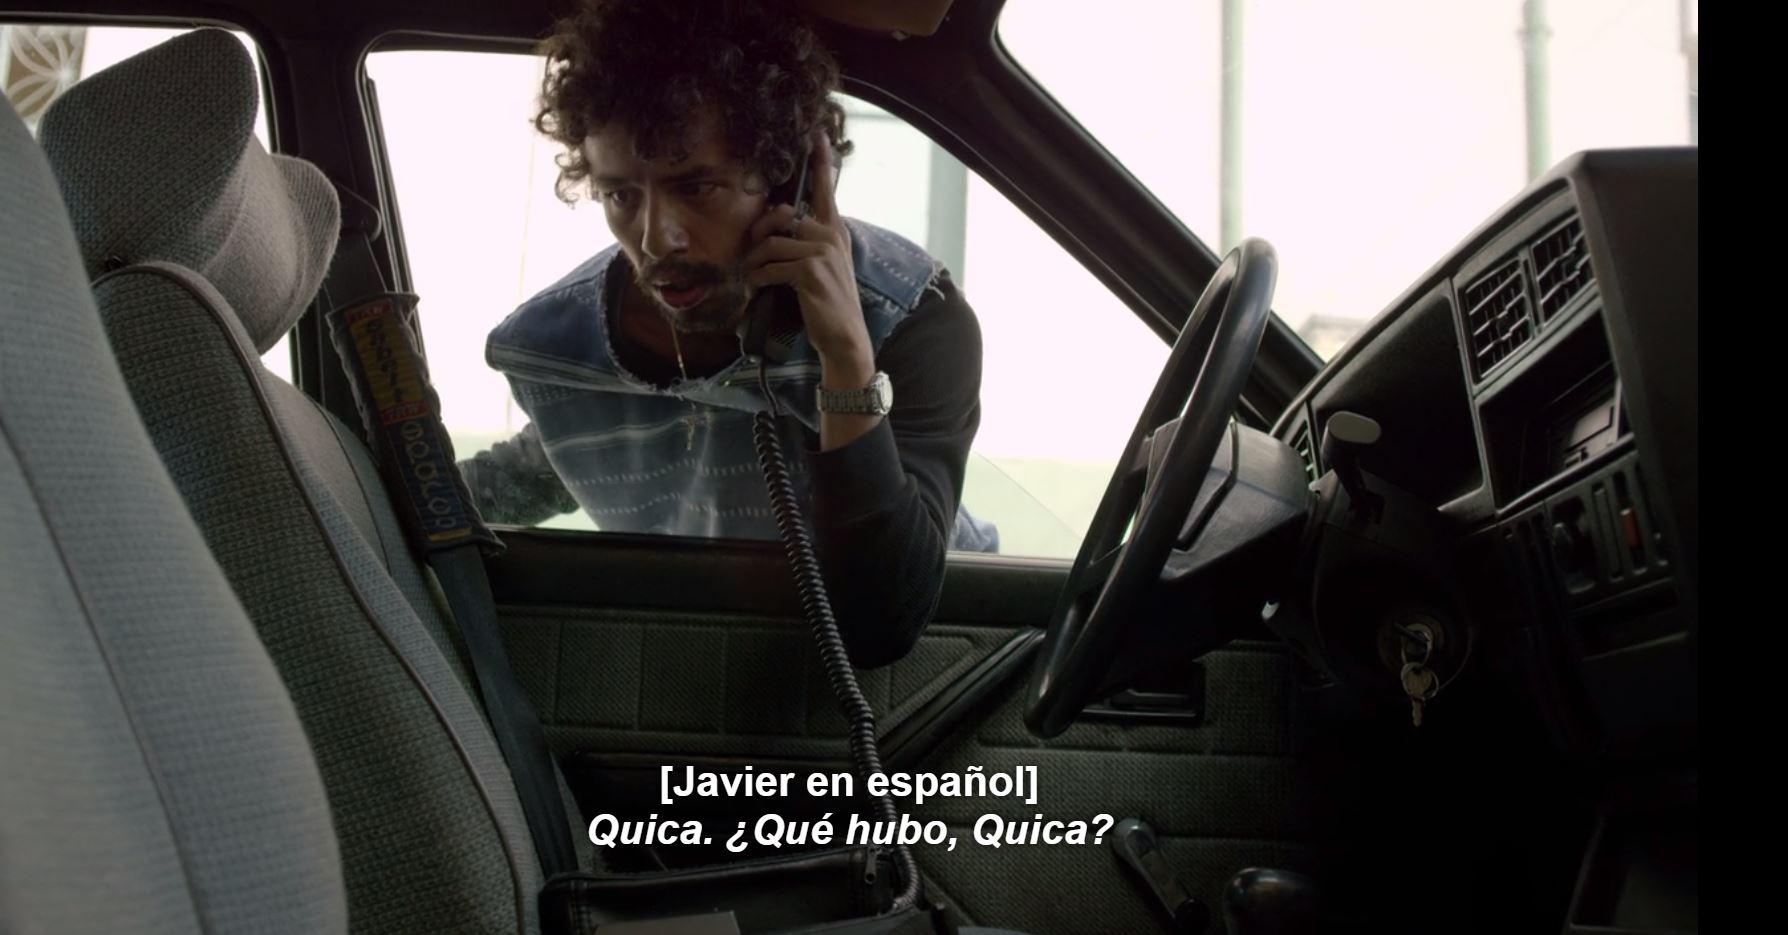 """""""La Quica"""", uno de los lugartenientes de Pablo Escobar, en Narcos"""